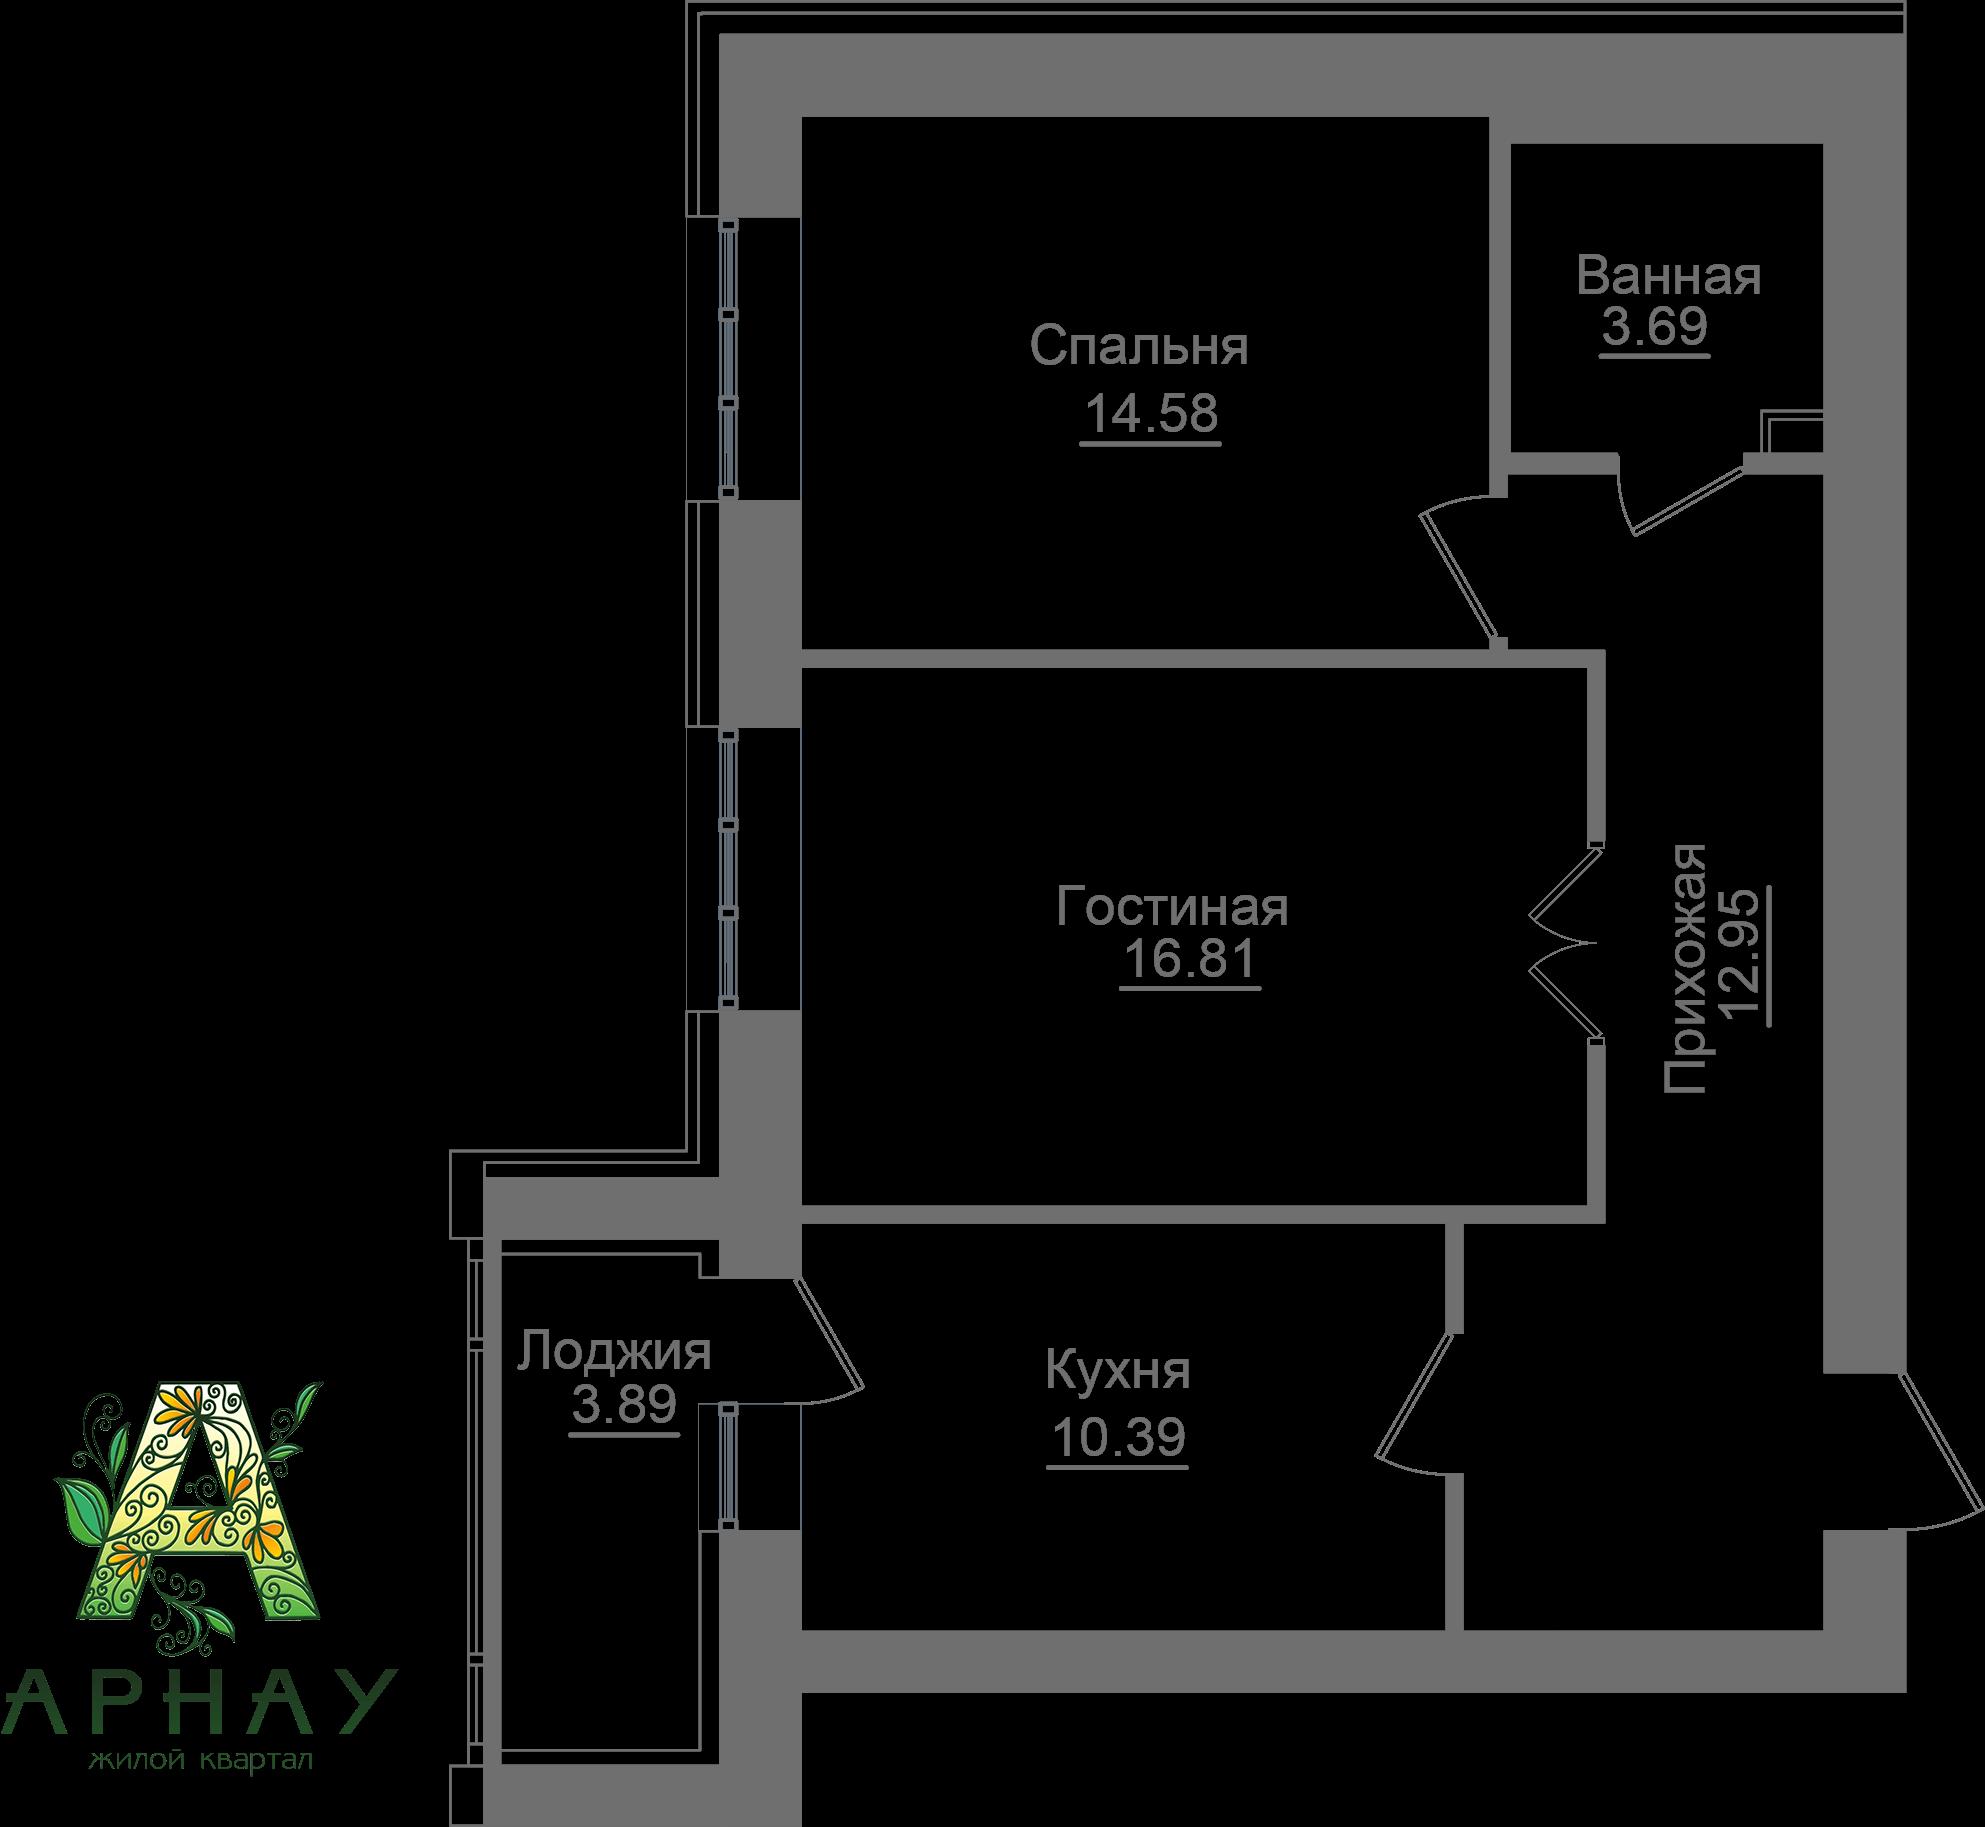 Квартира 191